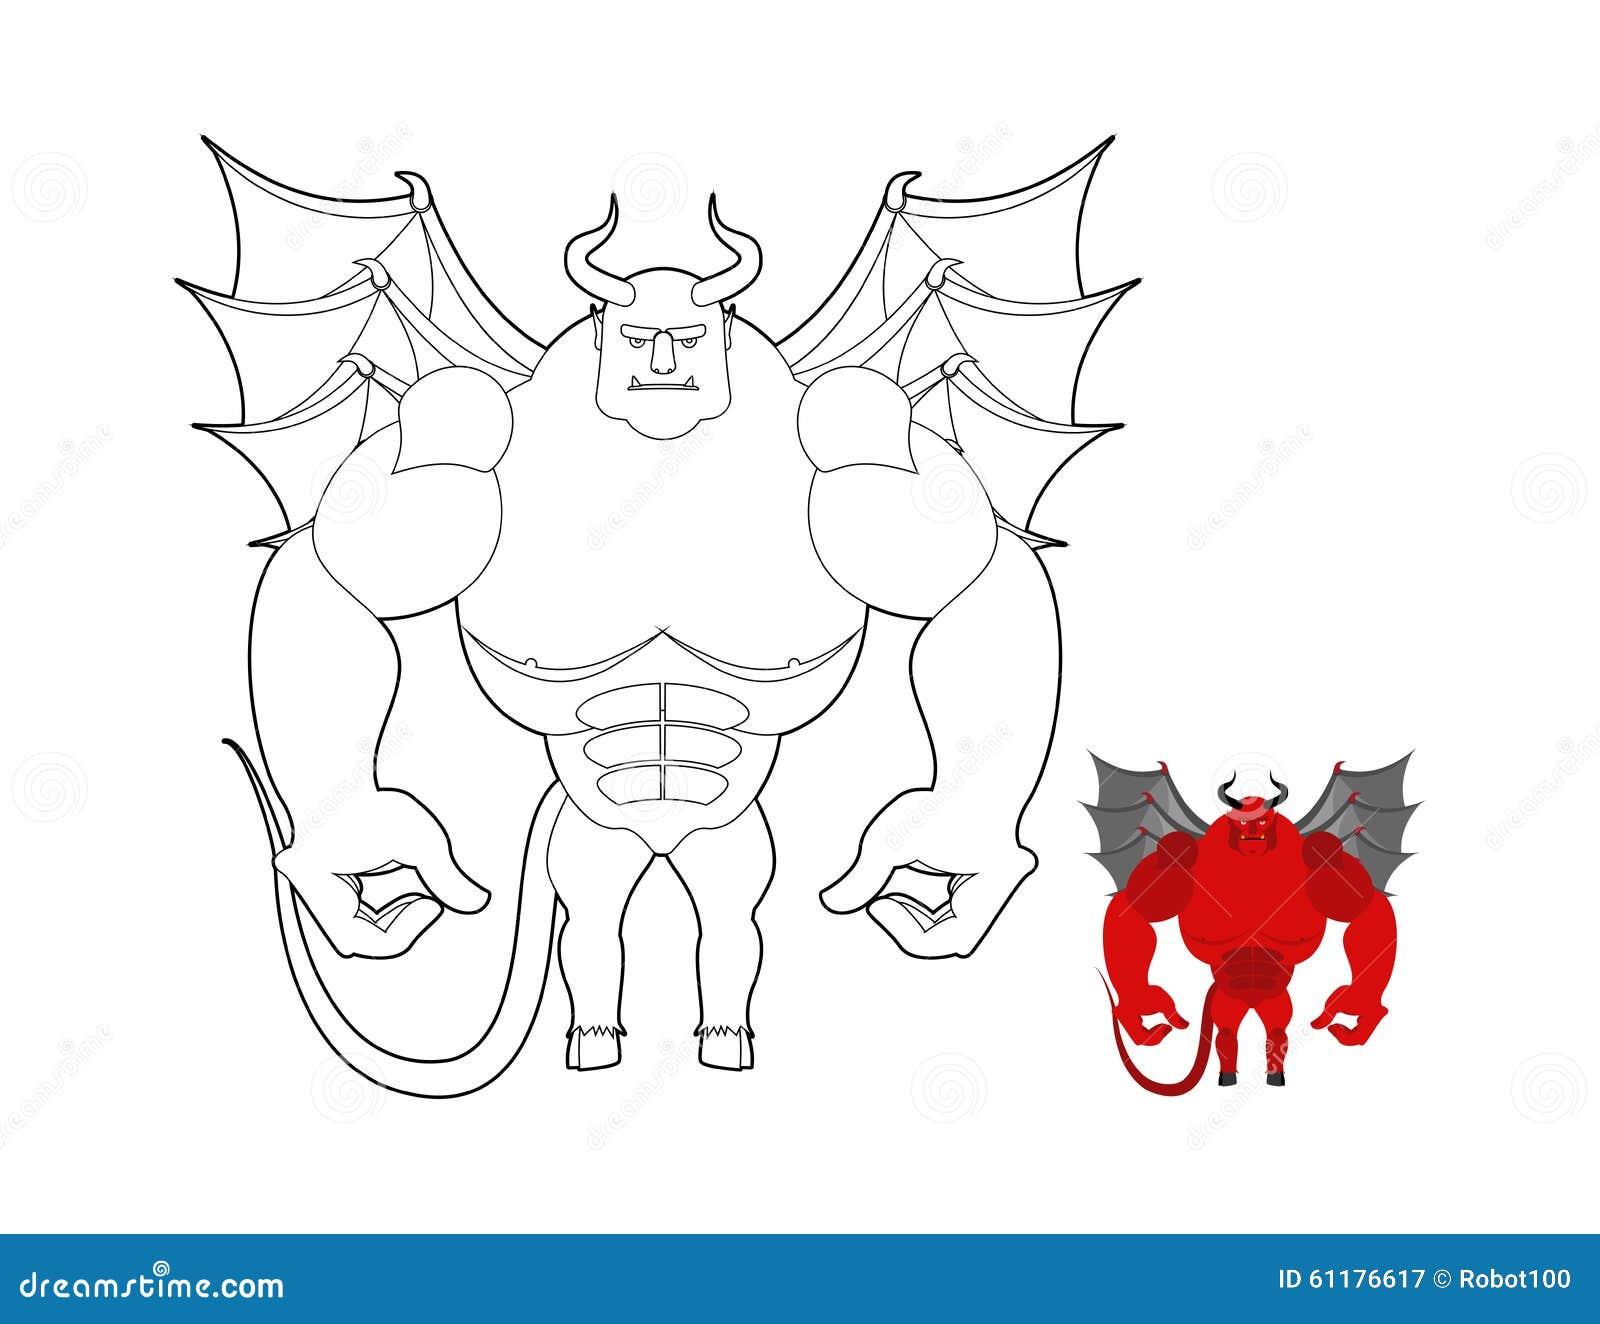 Livre de coloriage de diable d mon rouge avec des ailes et des klaxons ter de helluva - Coloriage de diable ...